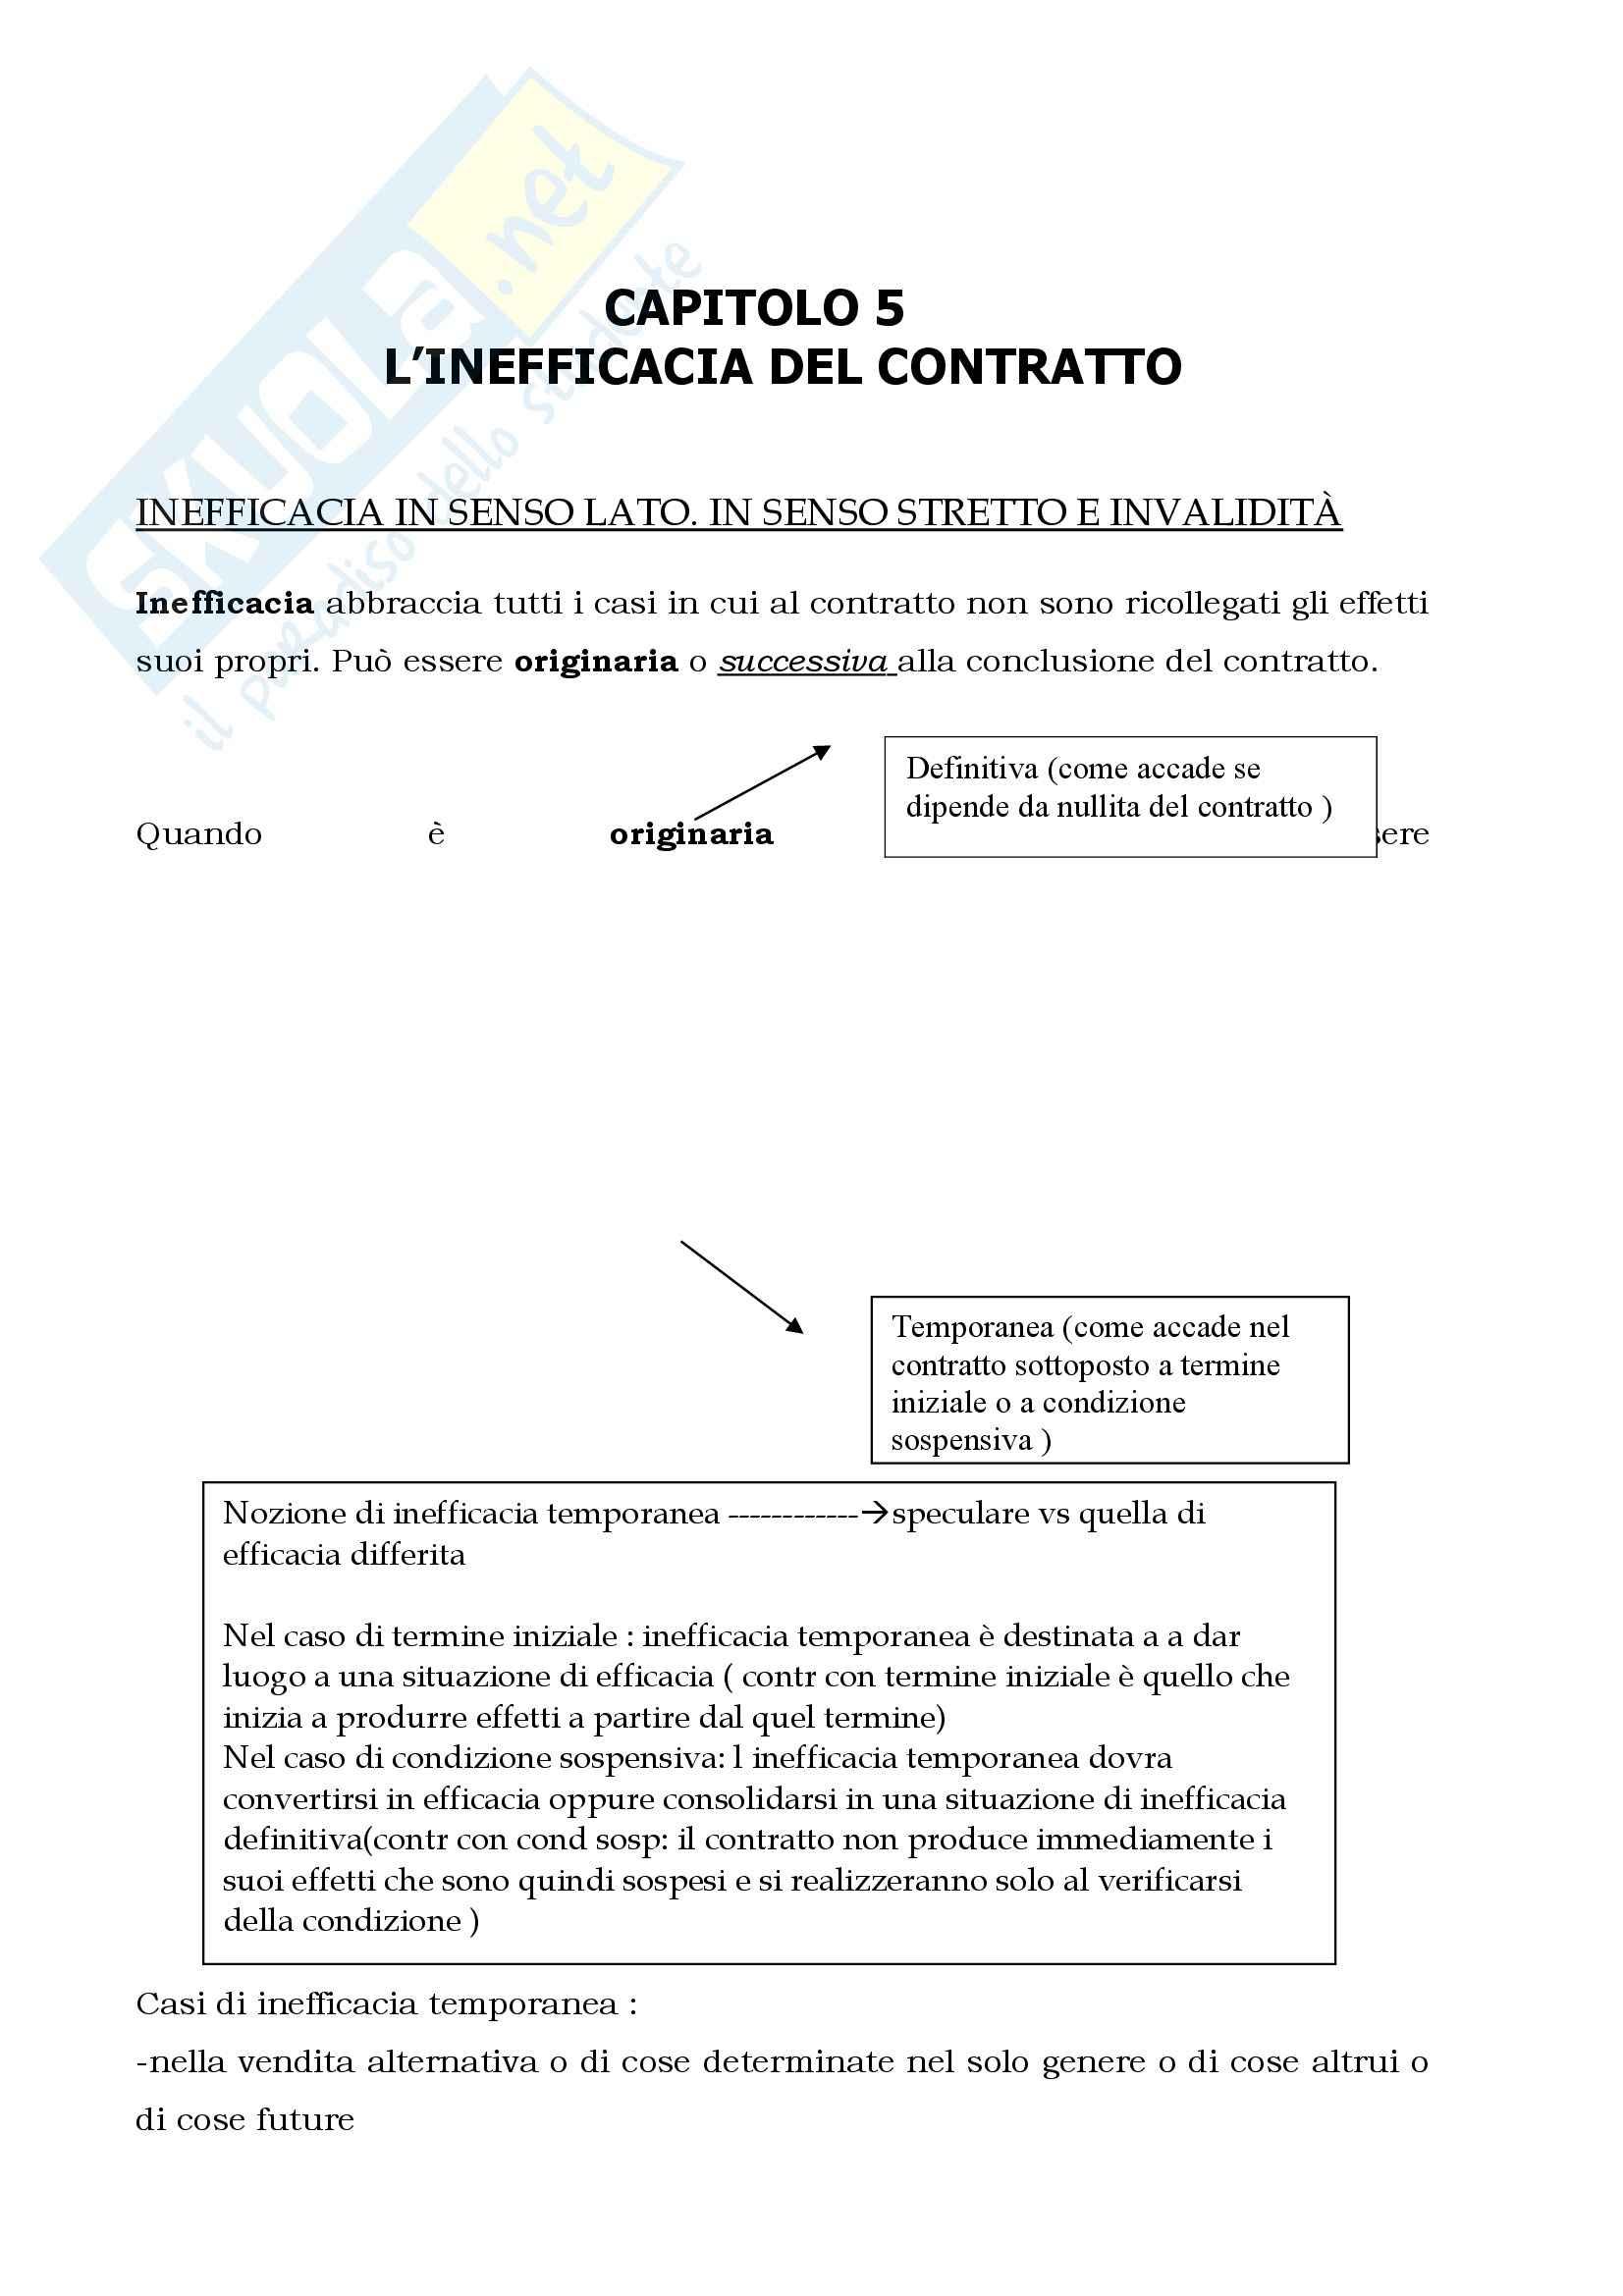 Riassunto esame Diritto Civile, prof. Cautadella, I Contratti, Cap 5